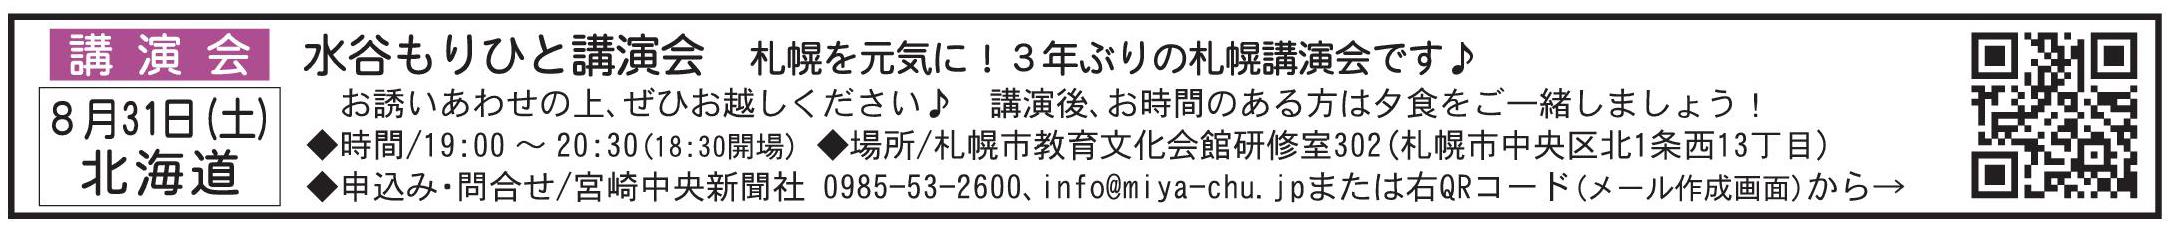 2797muryo2.jpg